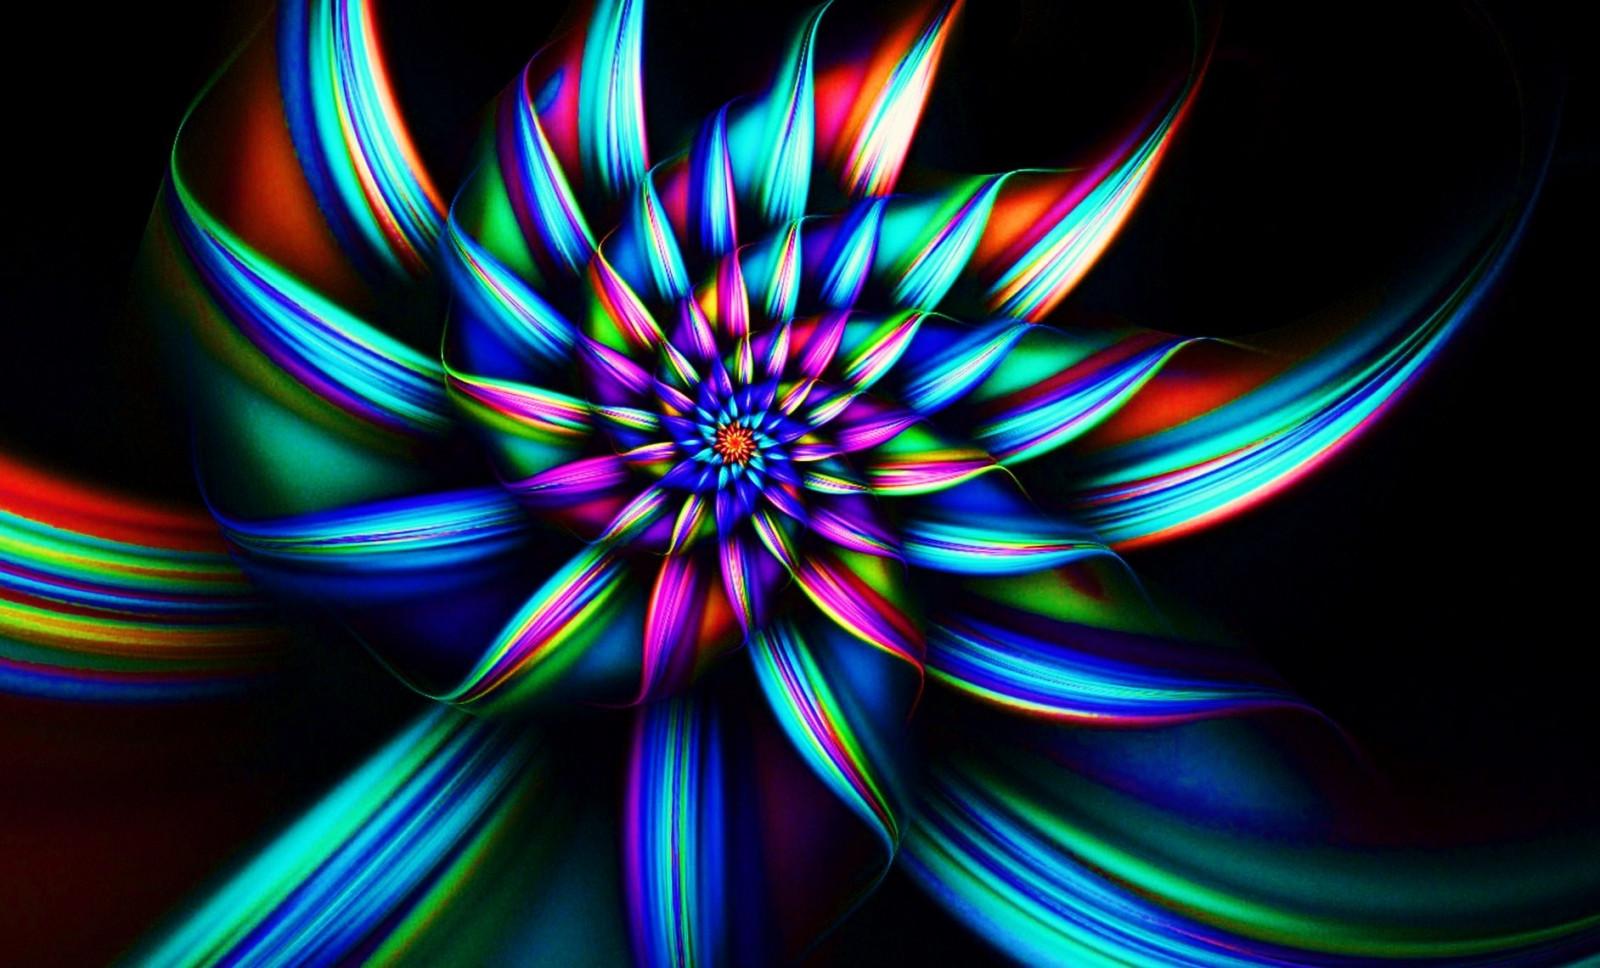 Fond d'écran : fleur, fumée, dessin, foncé, coloré 1884x1140 - wallpaperUp - 1080339 - Fond d ...